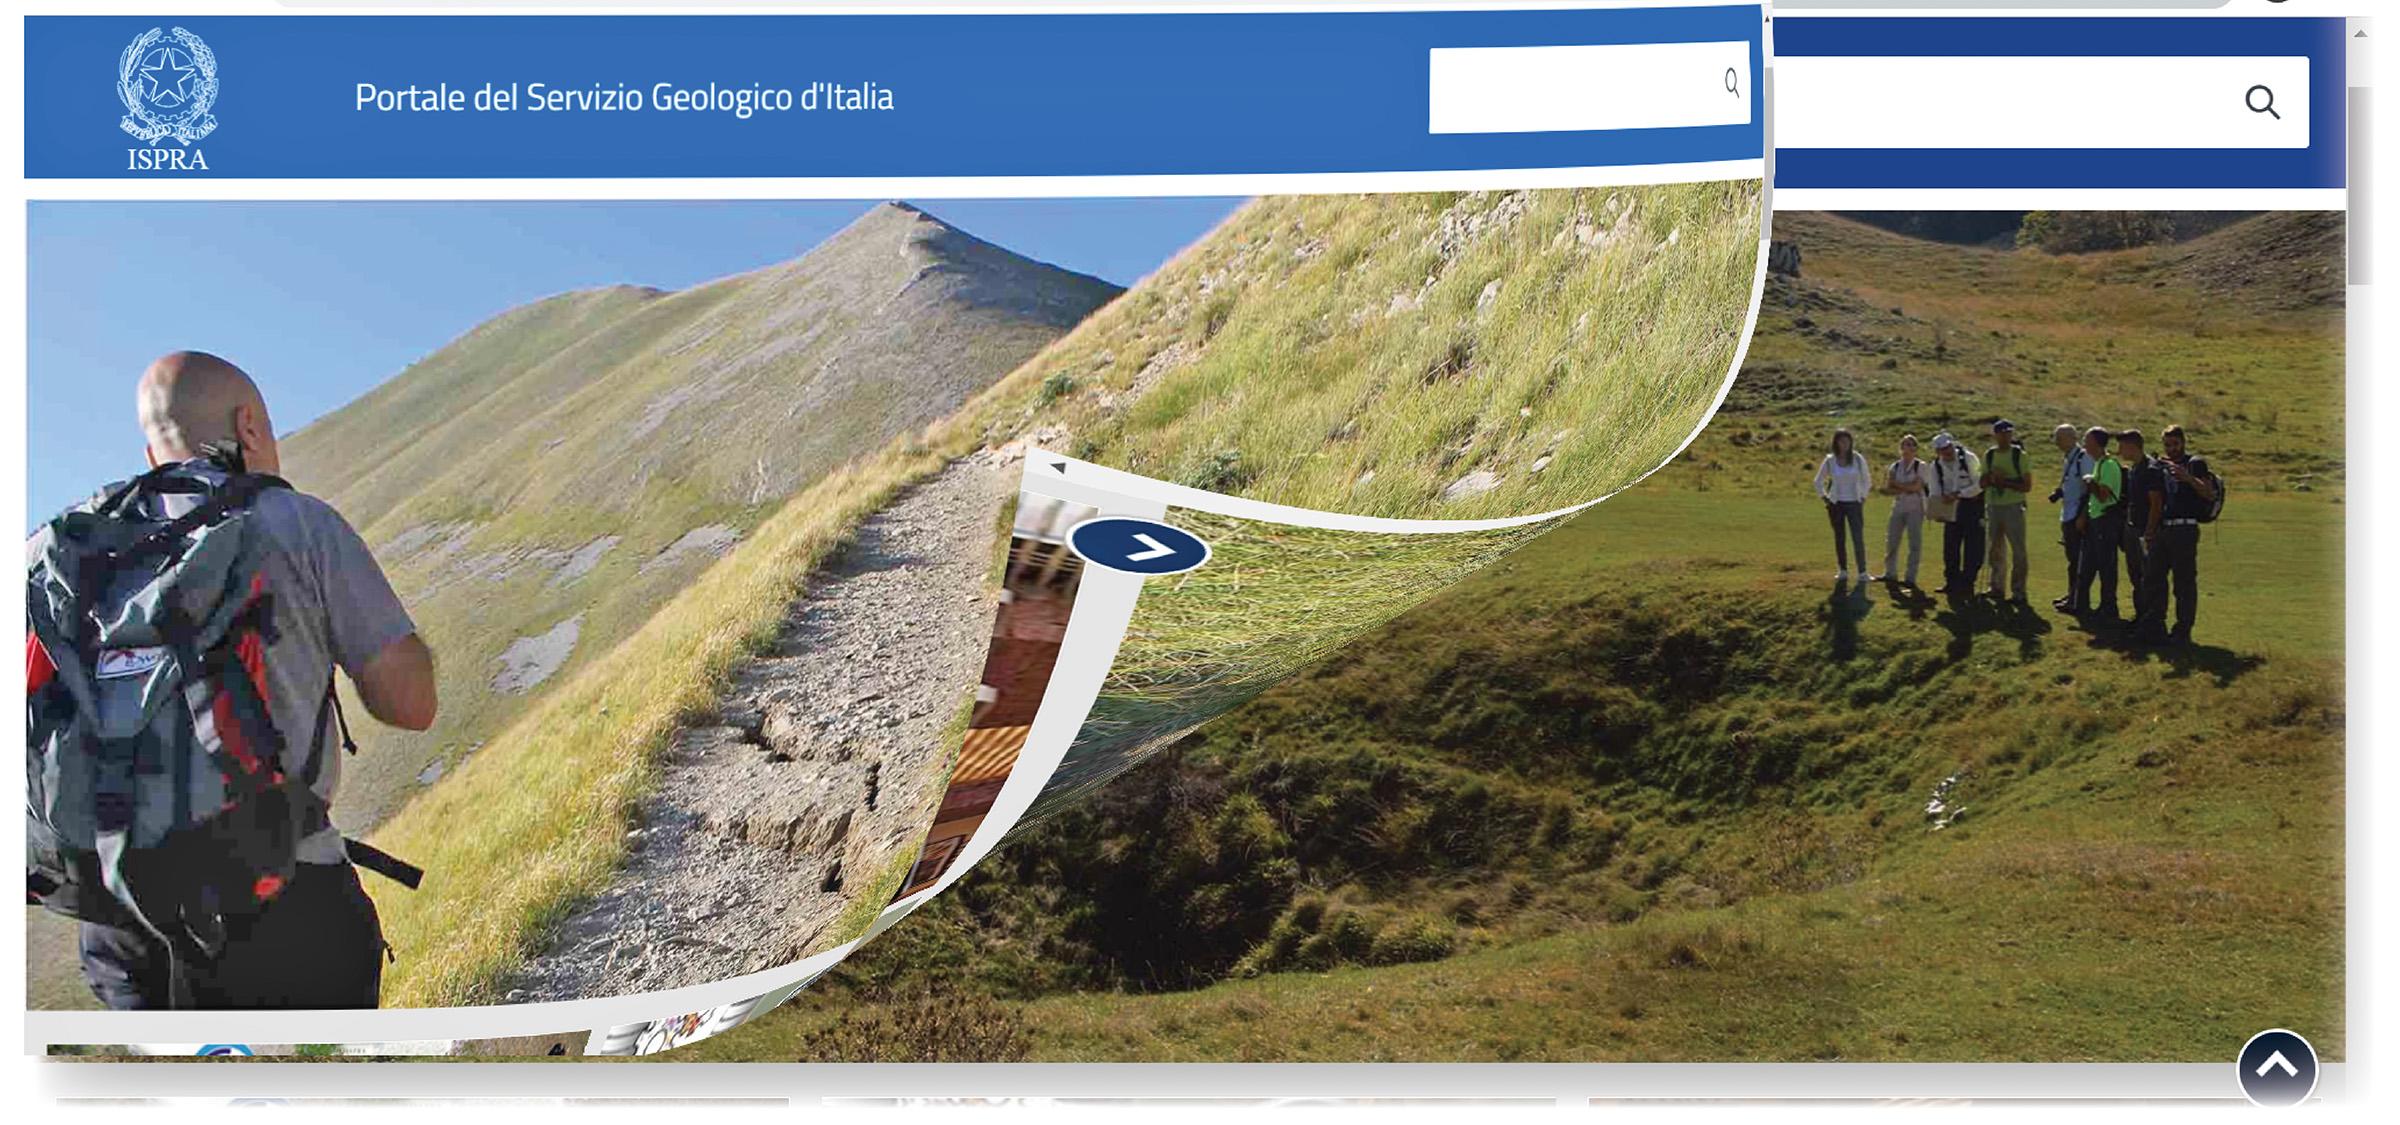 Il Portale del servizio Geologico